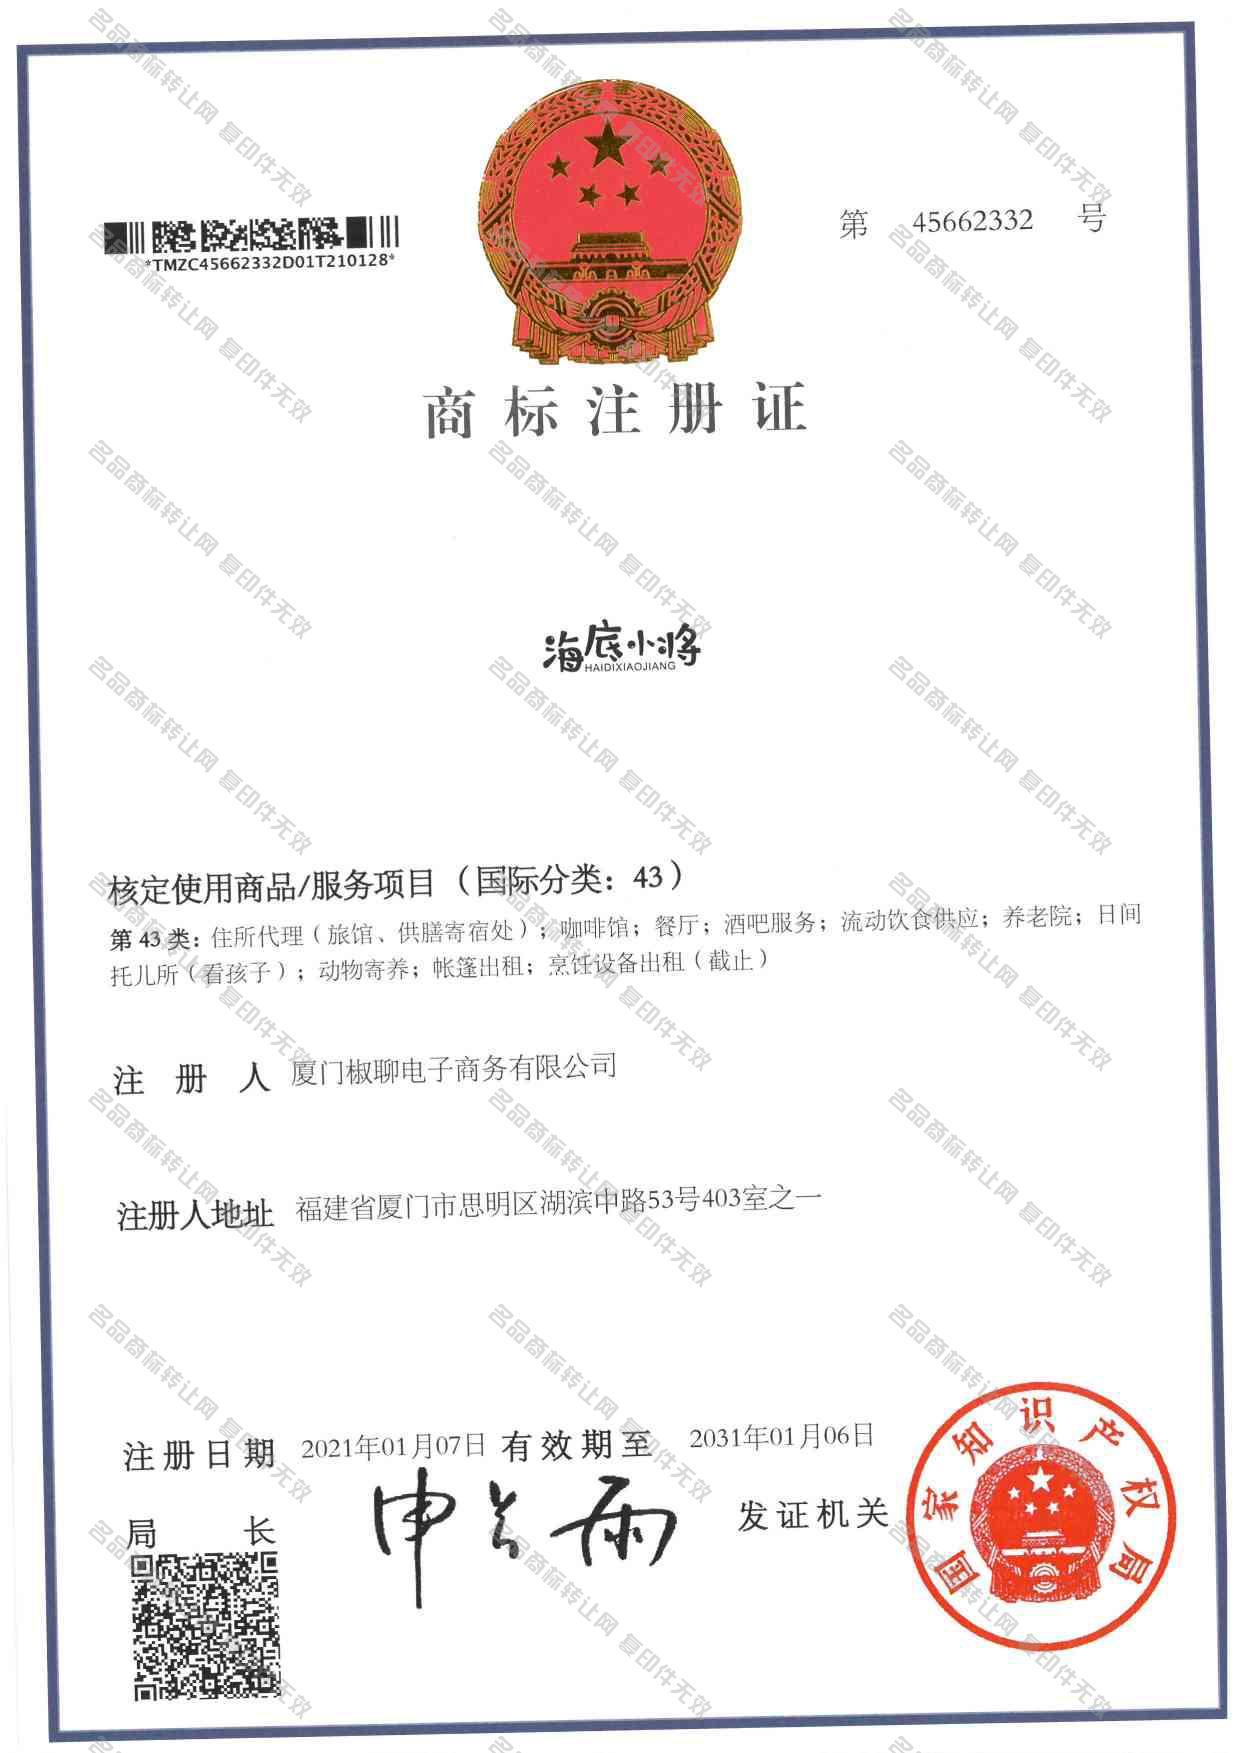 海底小将;HAIDIXIAOJIANG注册证